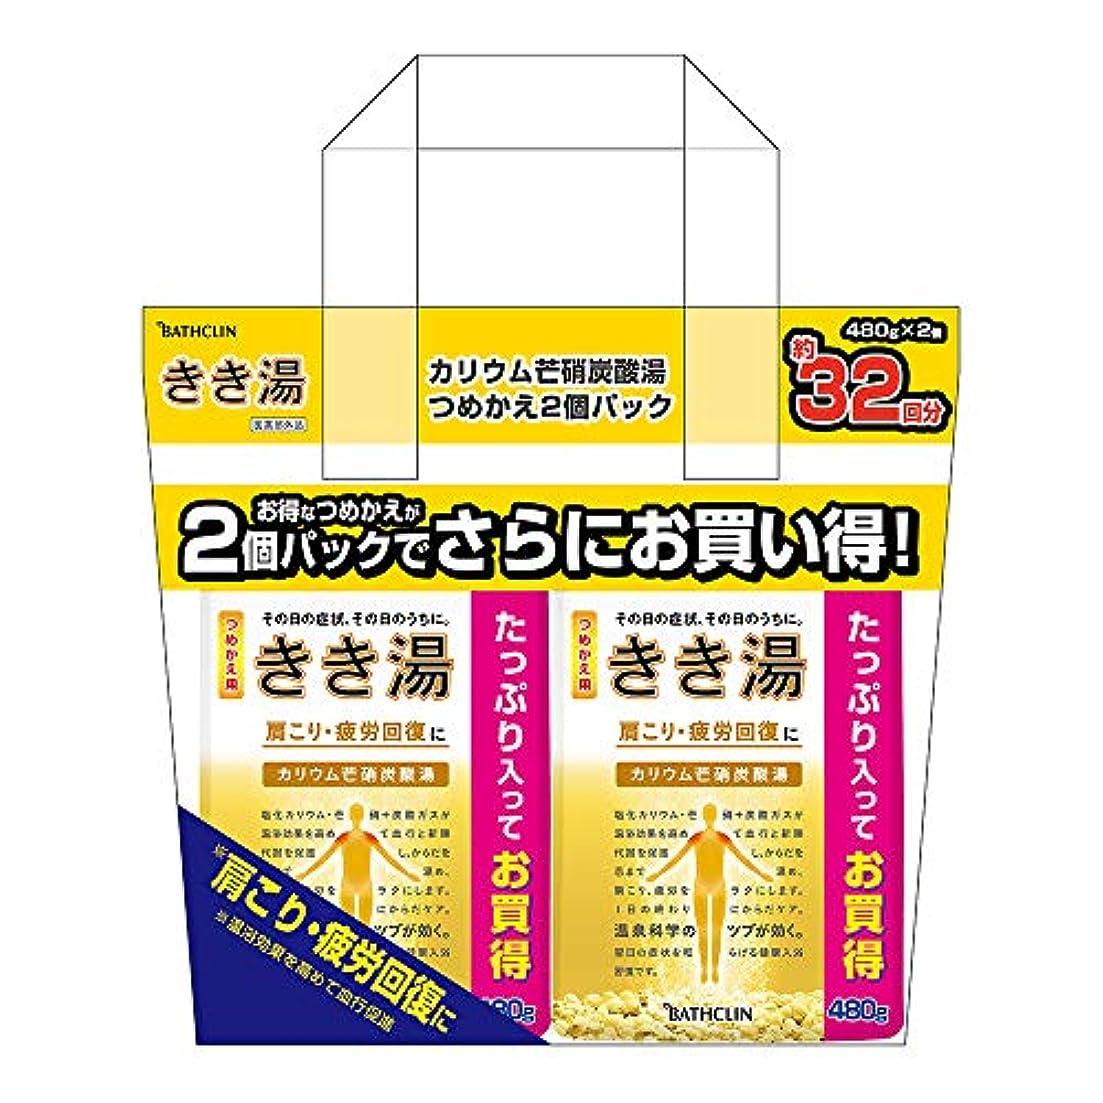 悩むふくろう新しさきき湯つめかえ2個パックカリウム芒硝炭酸湯 入浴剤 はちみつレモンの香りの炭酸入浴剤 レモン色の湯(透明タイプ) の炭酸入浴剤 詰替え用 480g×2個